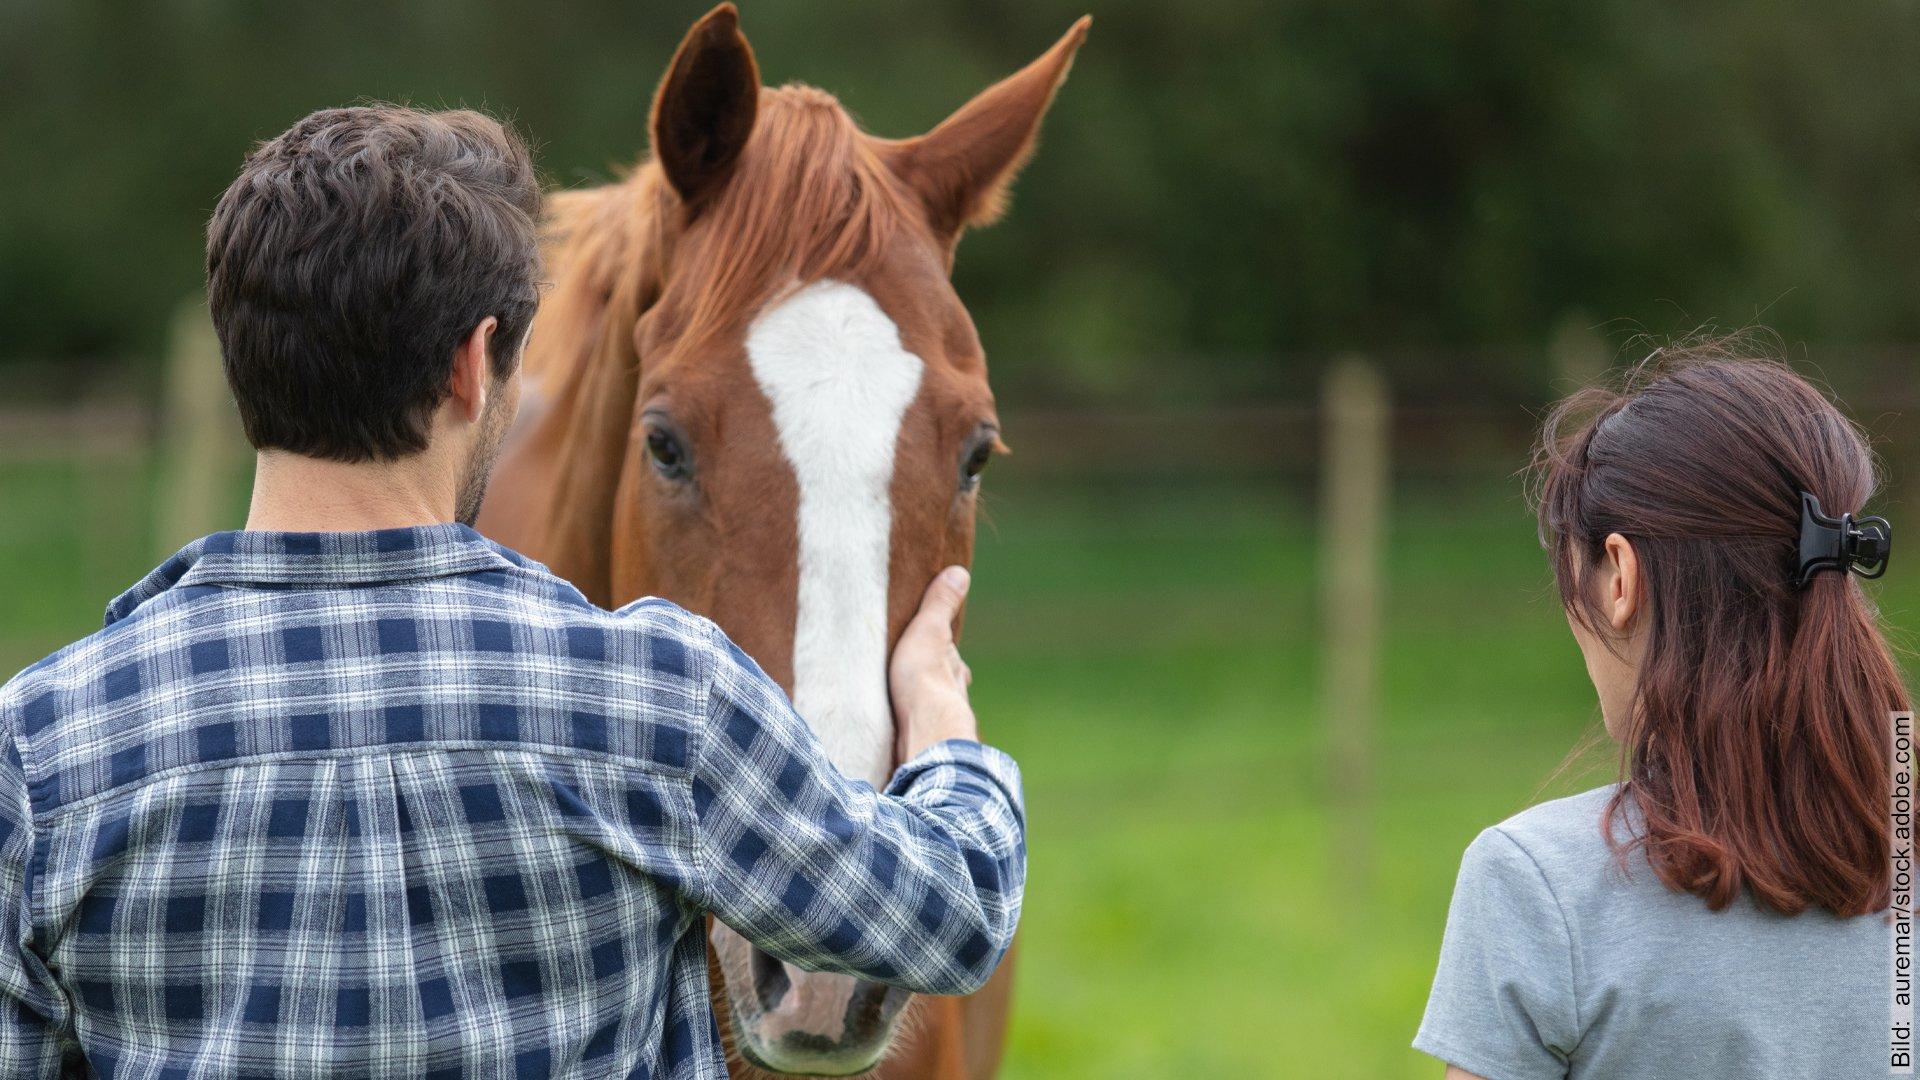 Pferdegestützte Paartherapie. Paar begrüßt ein Therapiepferd auf der Weide.